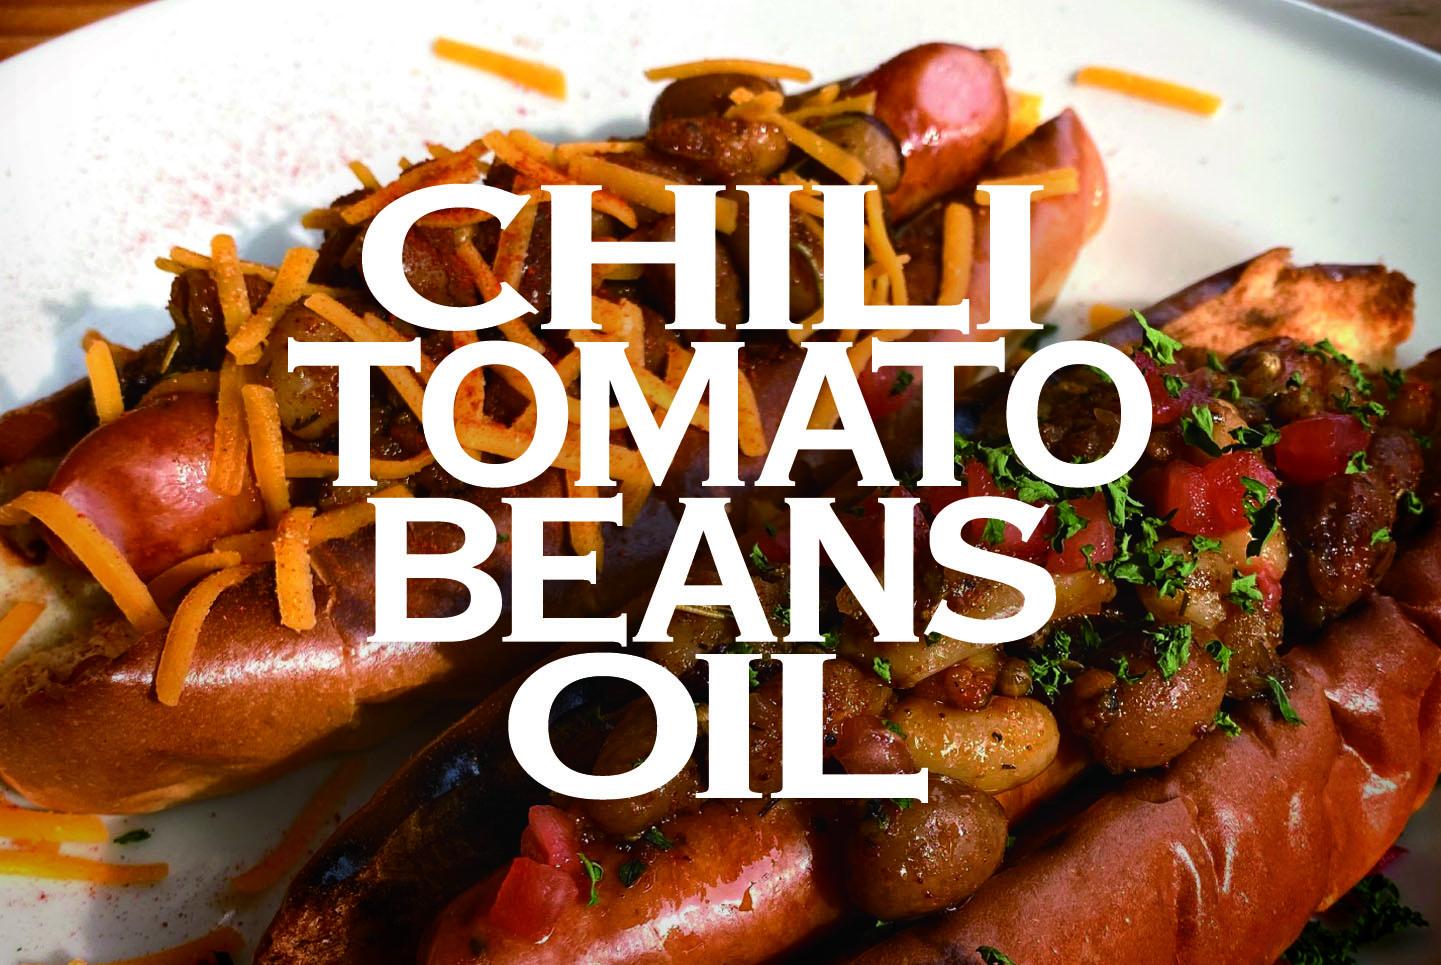 <簡単篇>チリトマトビーンズオイルの食べ方